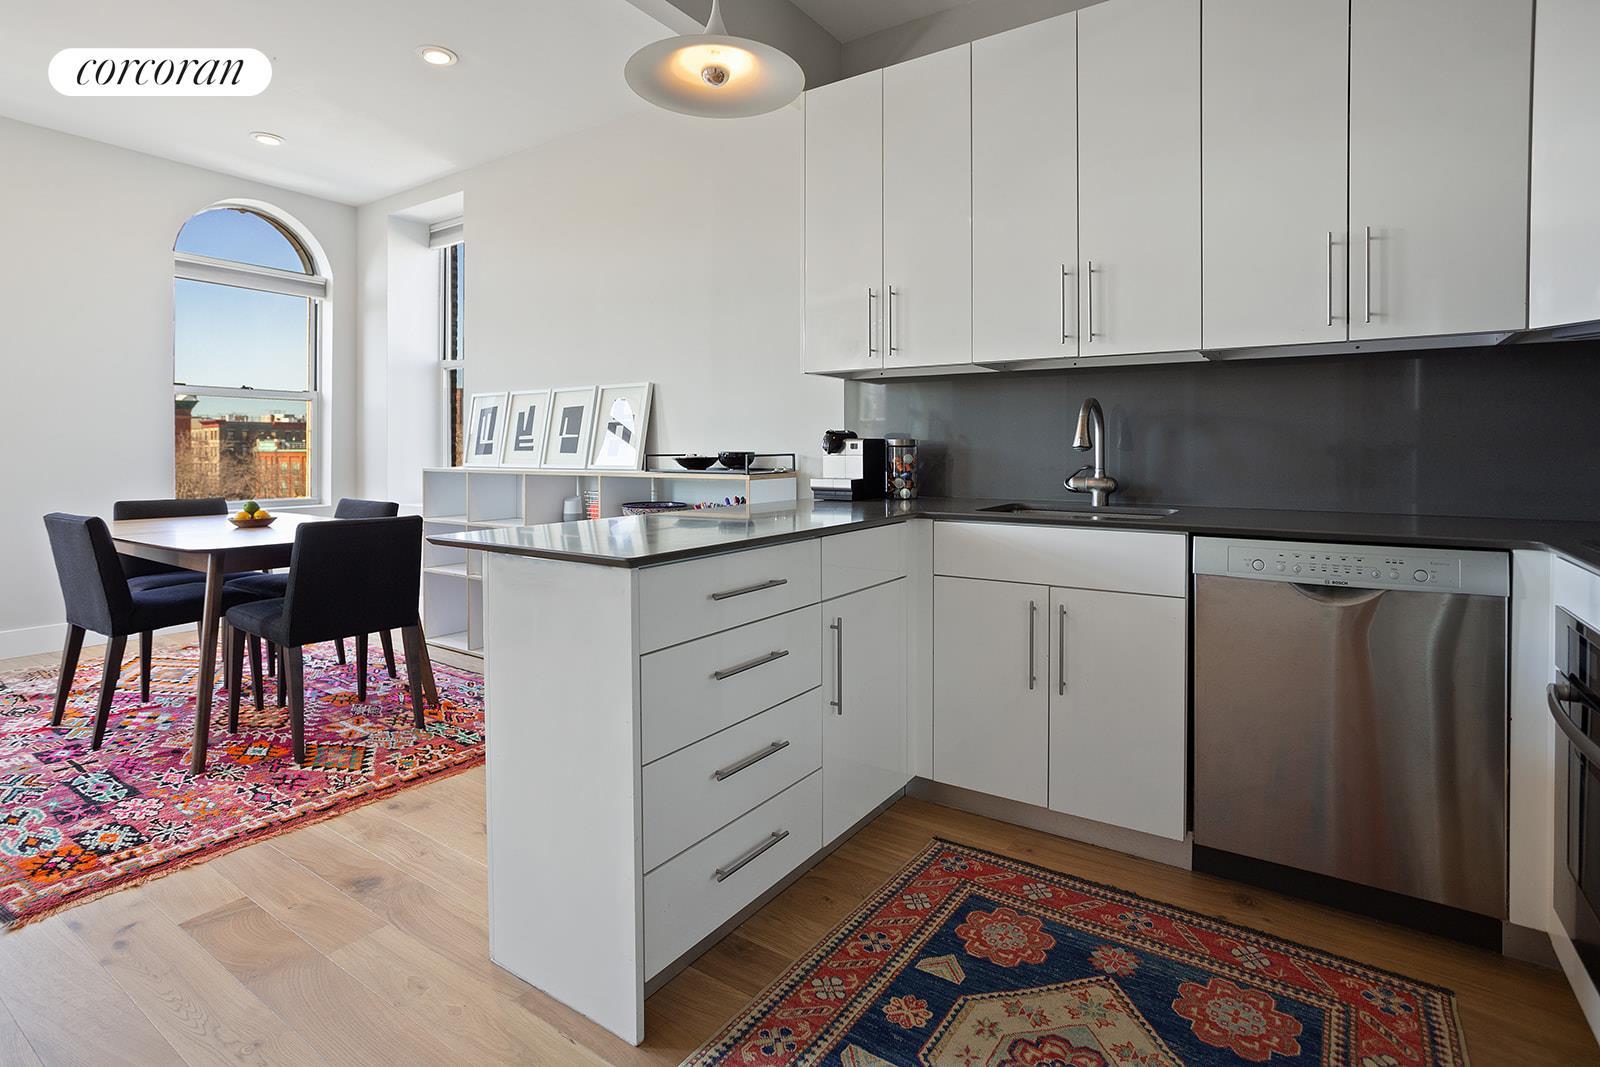 479 West 152nd Street Hamilton Heights New York NY 10031